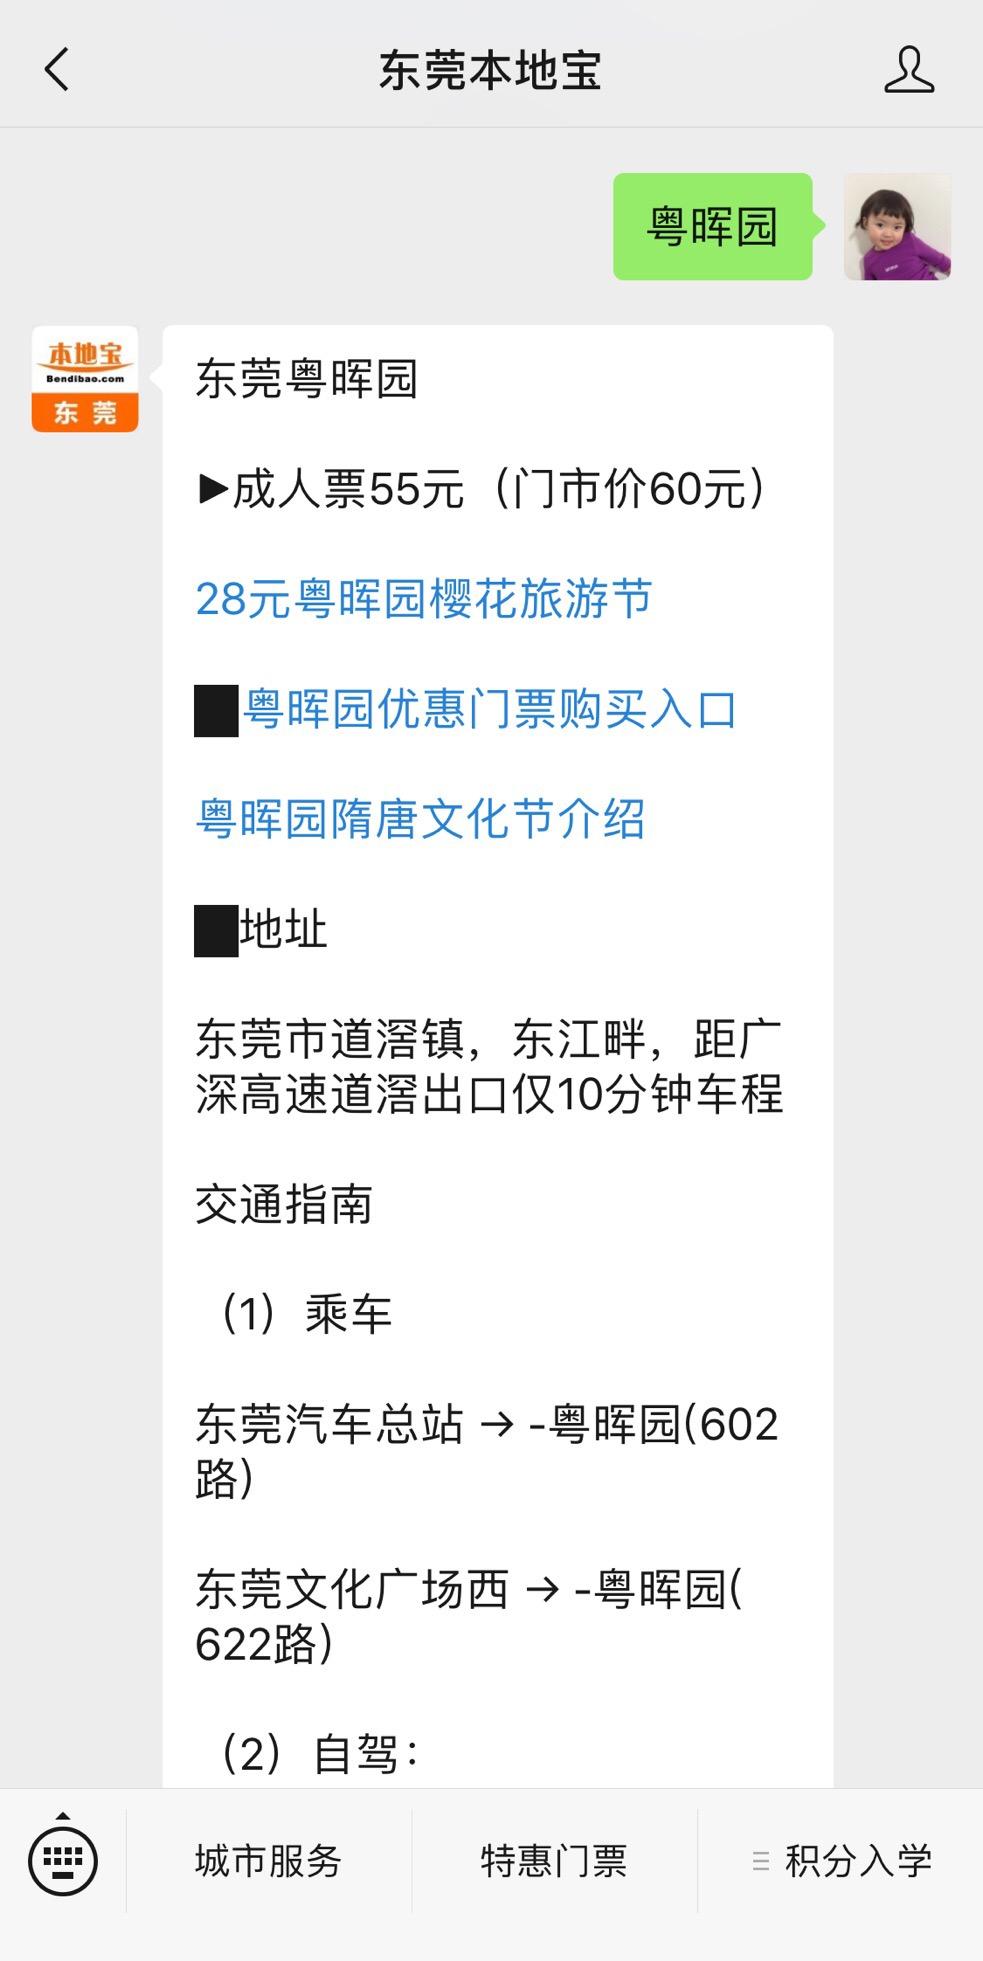 2019东莞粤晖园樱花节门票特惠 大小同价仅需28元